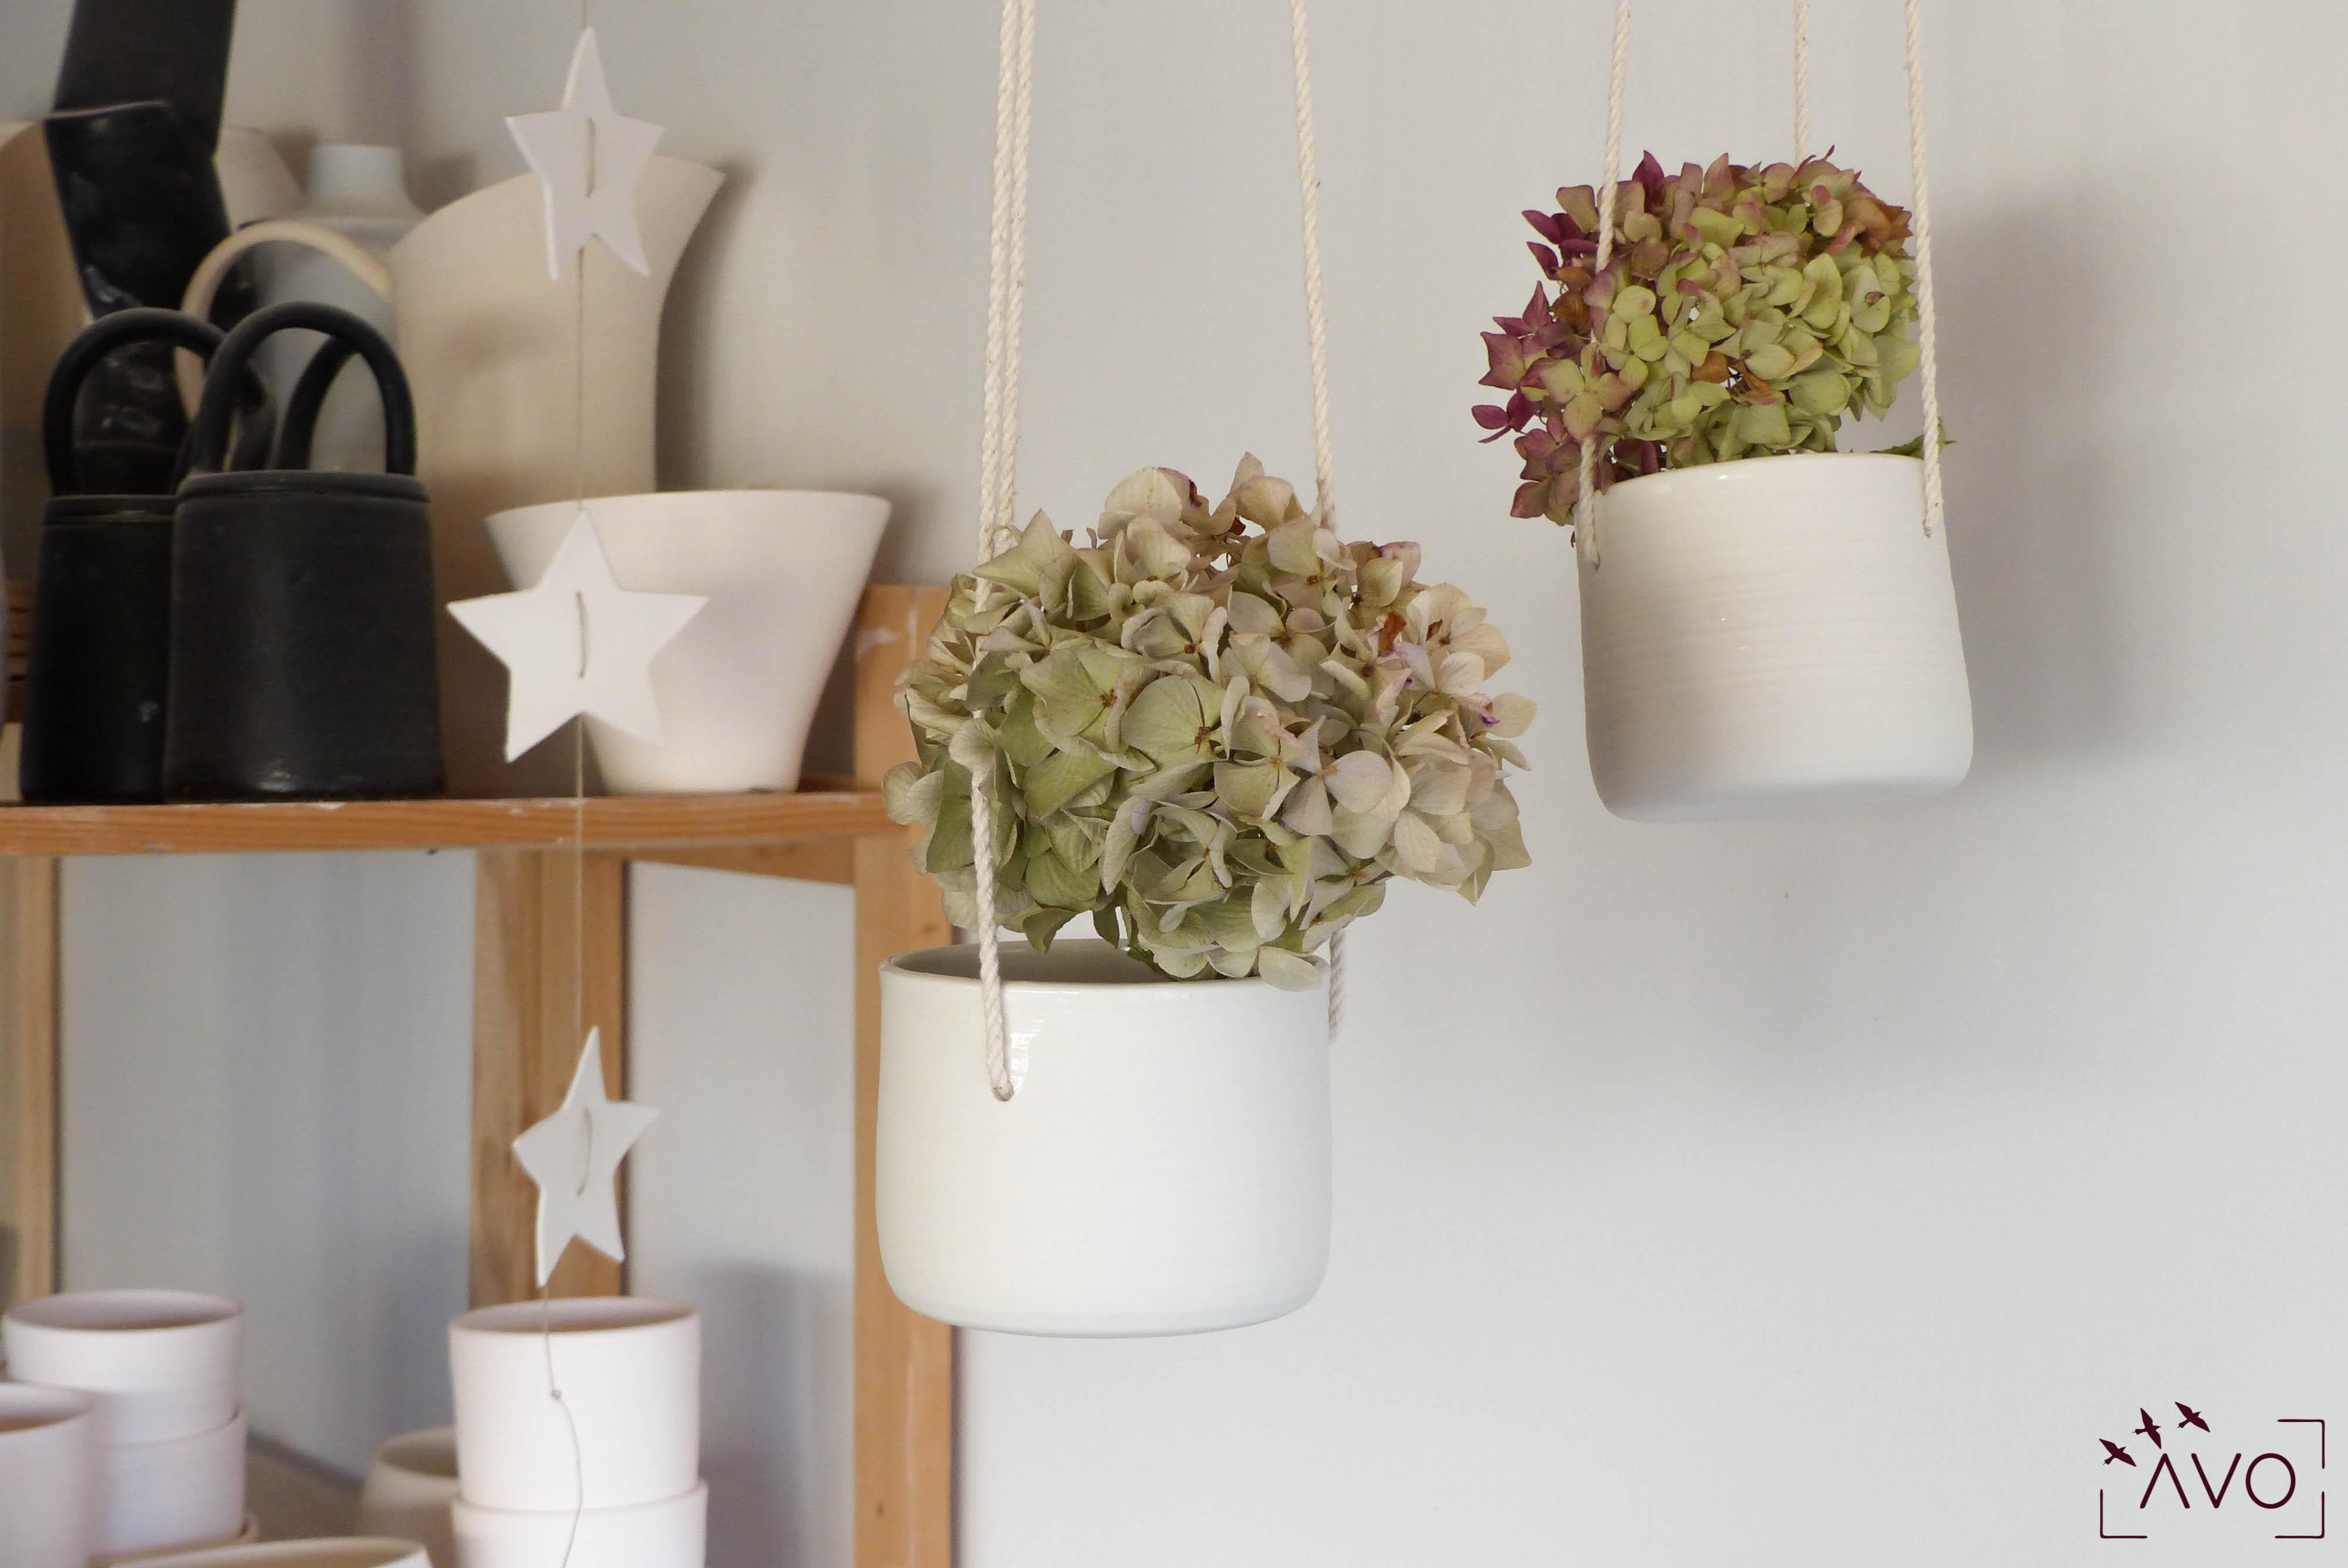 atelier hortense motarnal lyon poterie céramique fait main made in france déco design maison porte plante